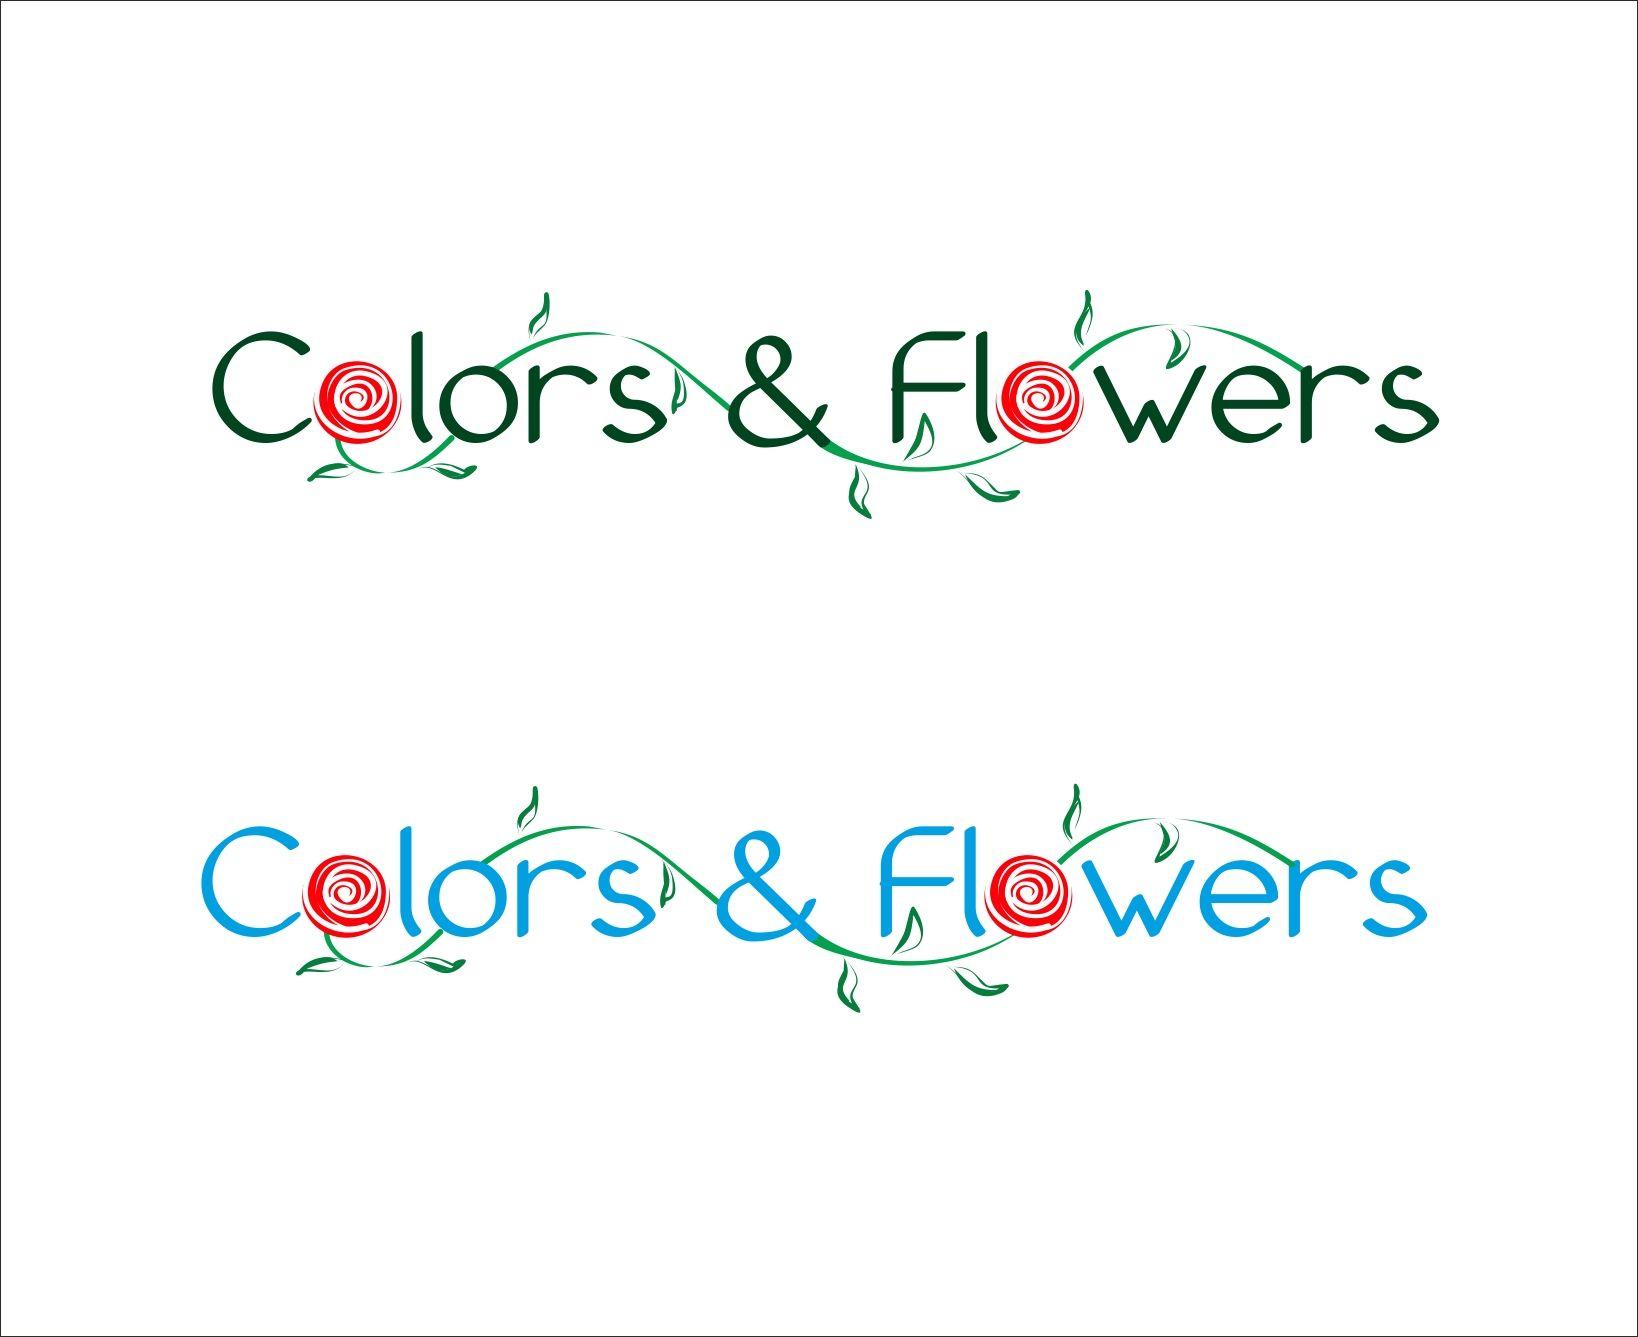 Colors & Flowers Логотип и фирменный стиль - дизайнер oksana123456